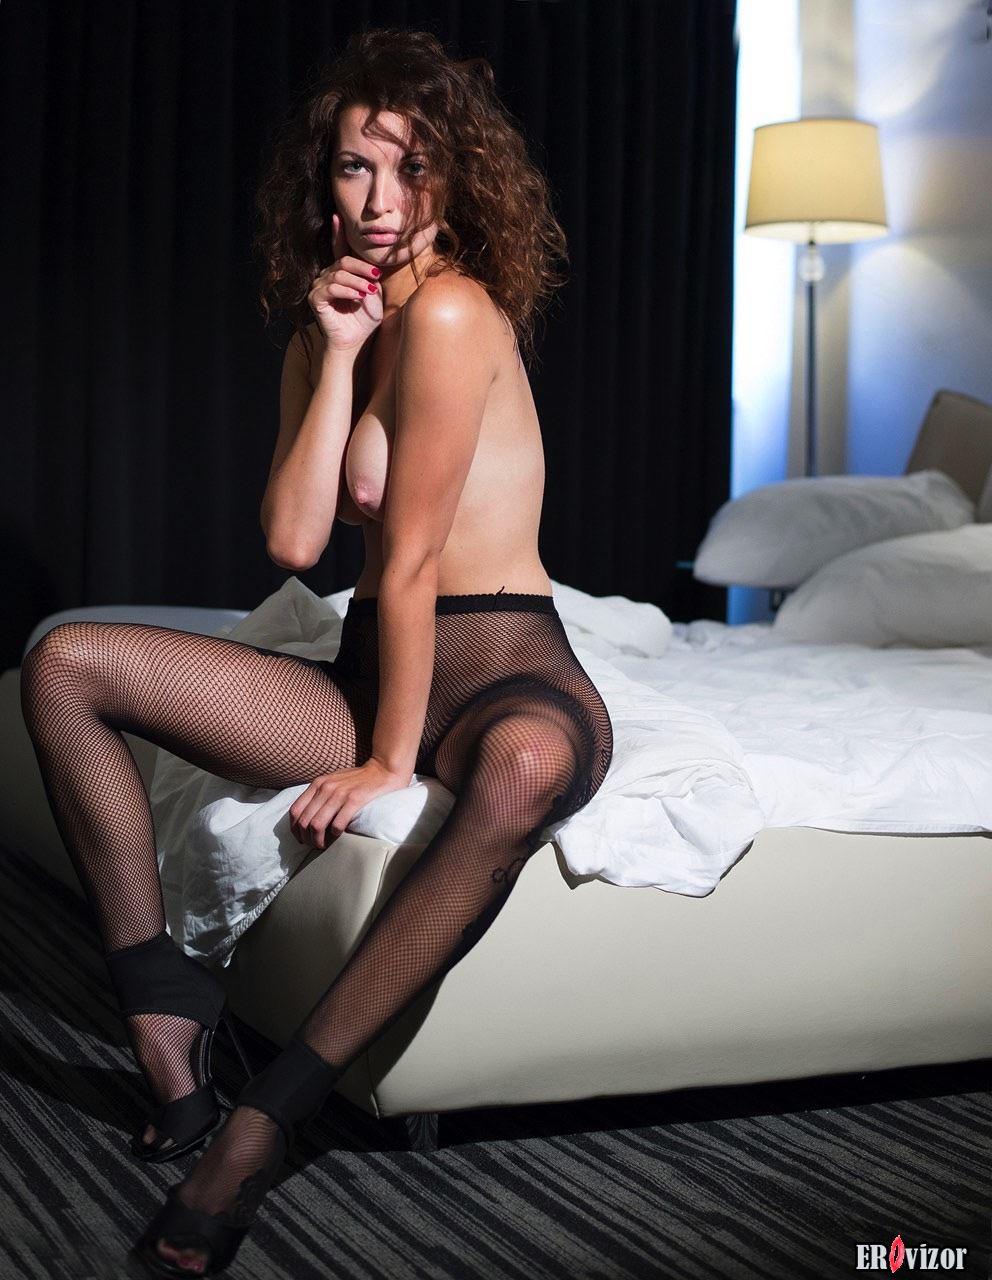 эротические фото, красивые девушки 29